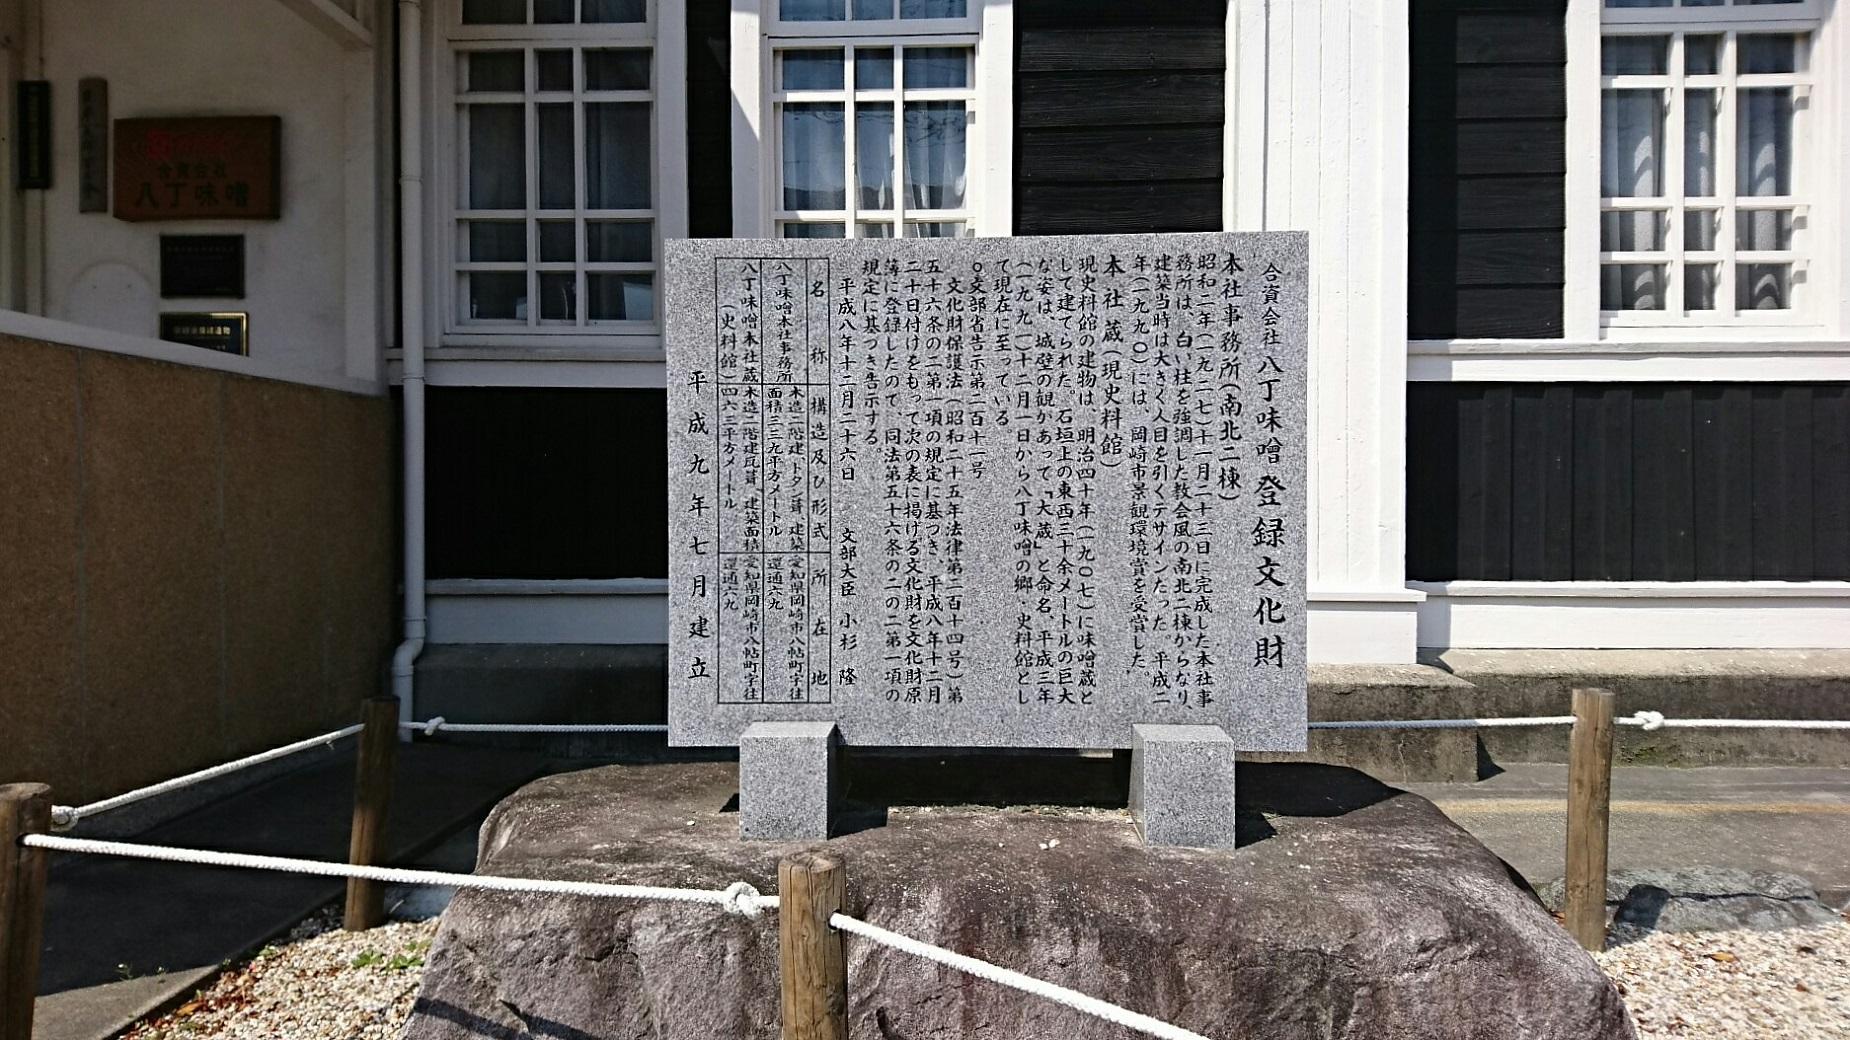 2018.3.25 カクキュー (4) 八丁みそ本社事務所 - 説明がき 1850-1040